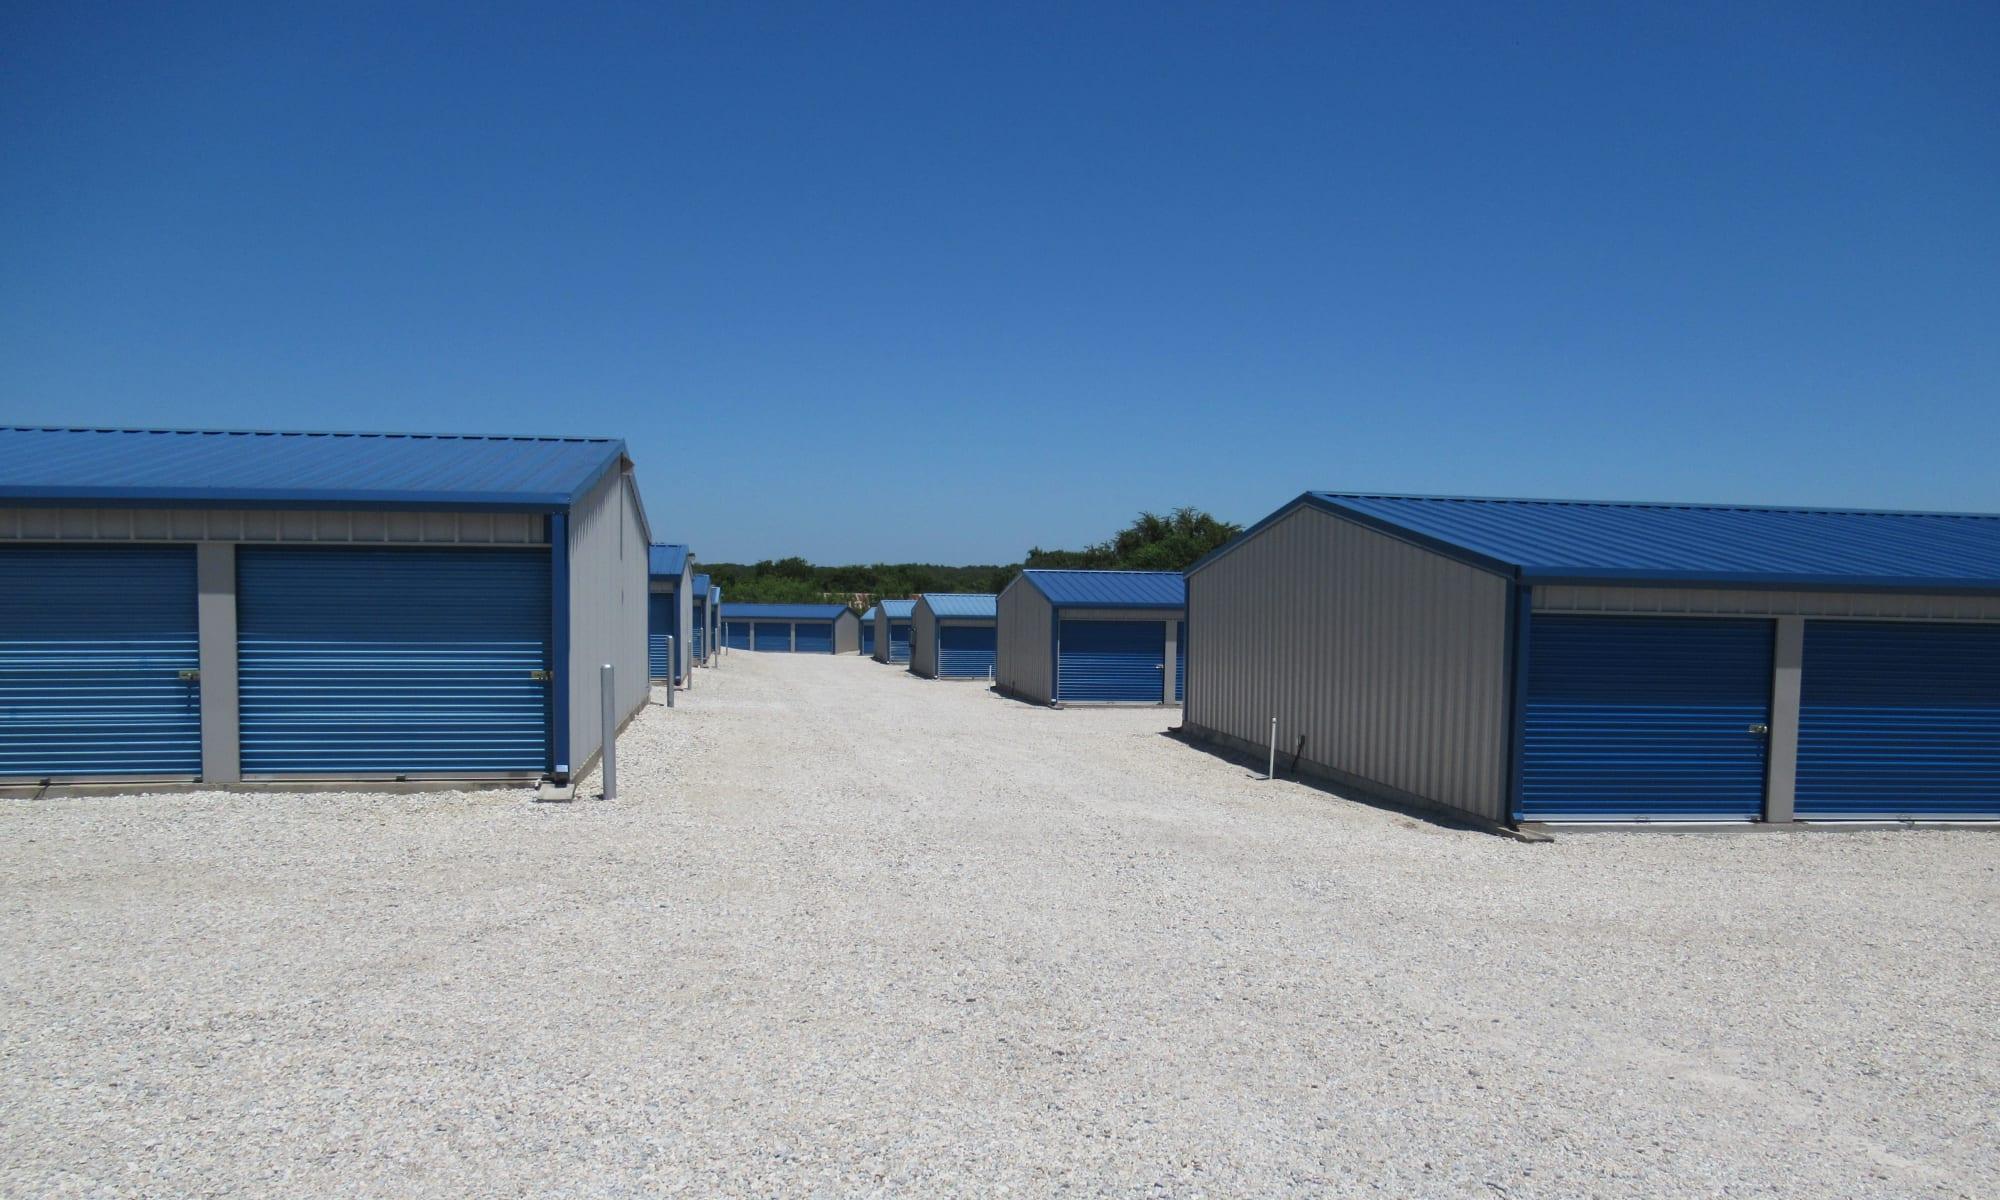 Springtown Self Storage in Springtown, Texas